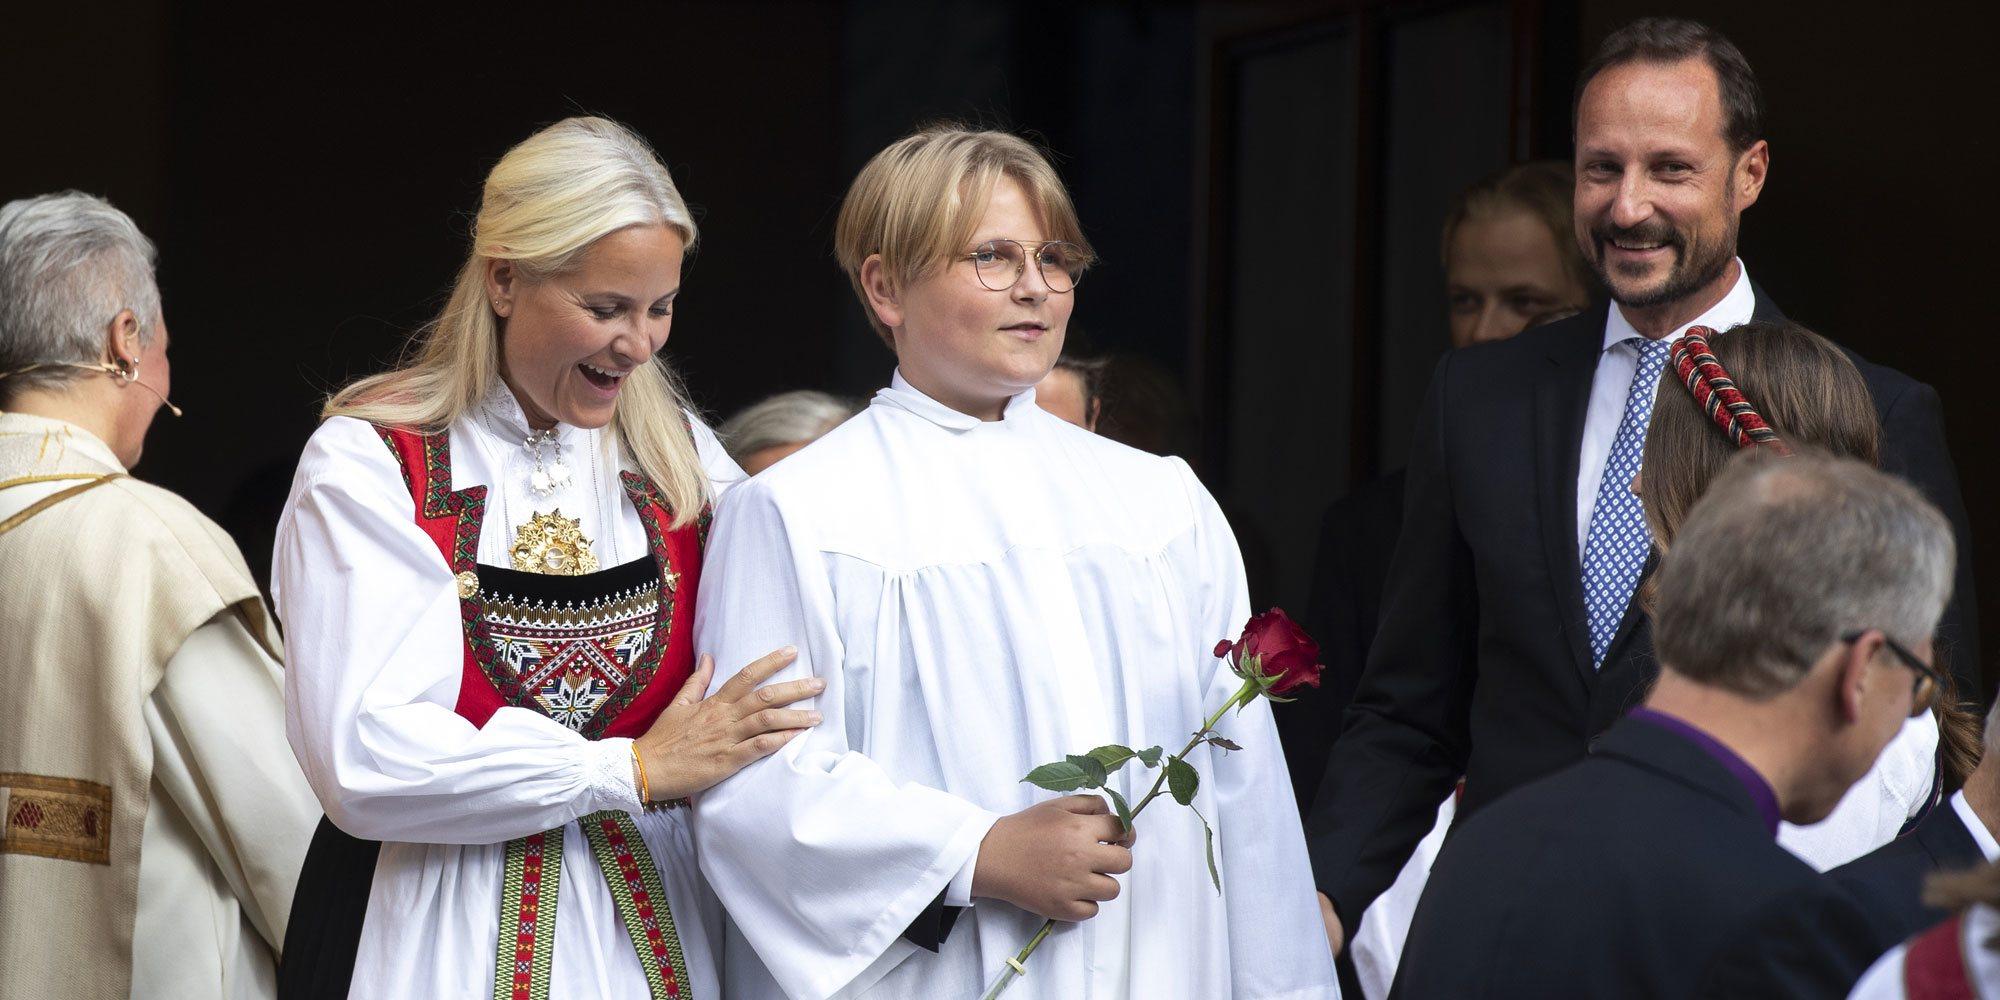 Así fue la Confirmación de Sverre Magnus de Noruega: emoción, reencuentros familiares, curiosos regalos y unas muletas